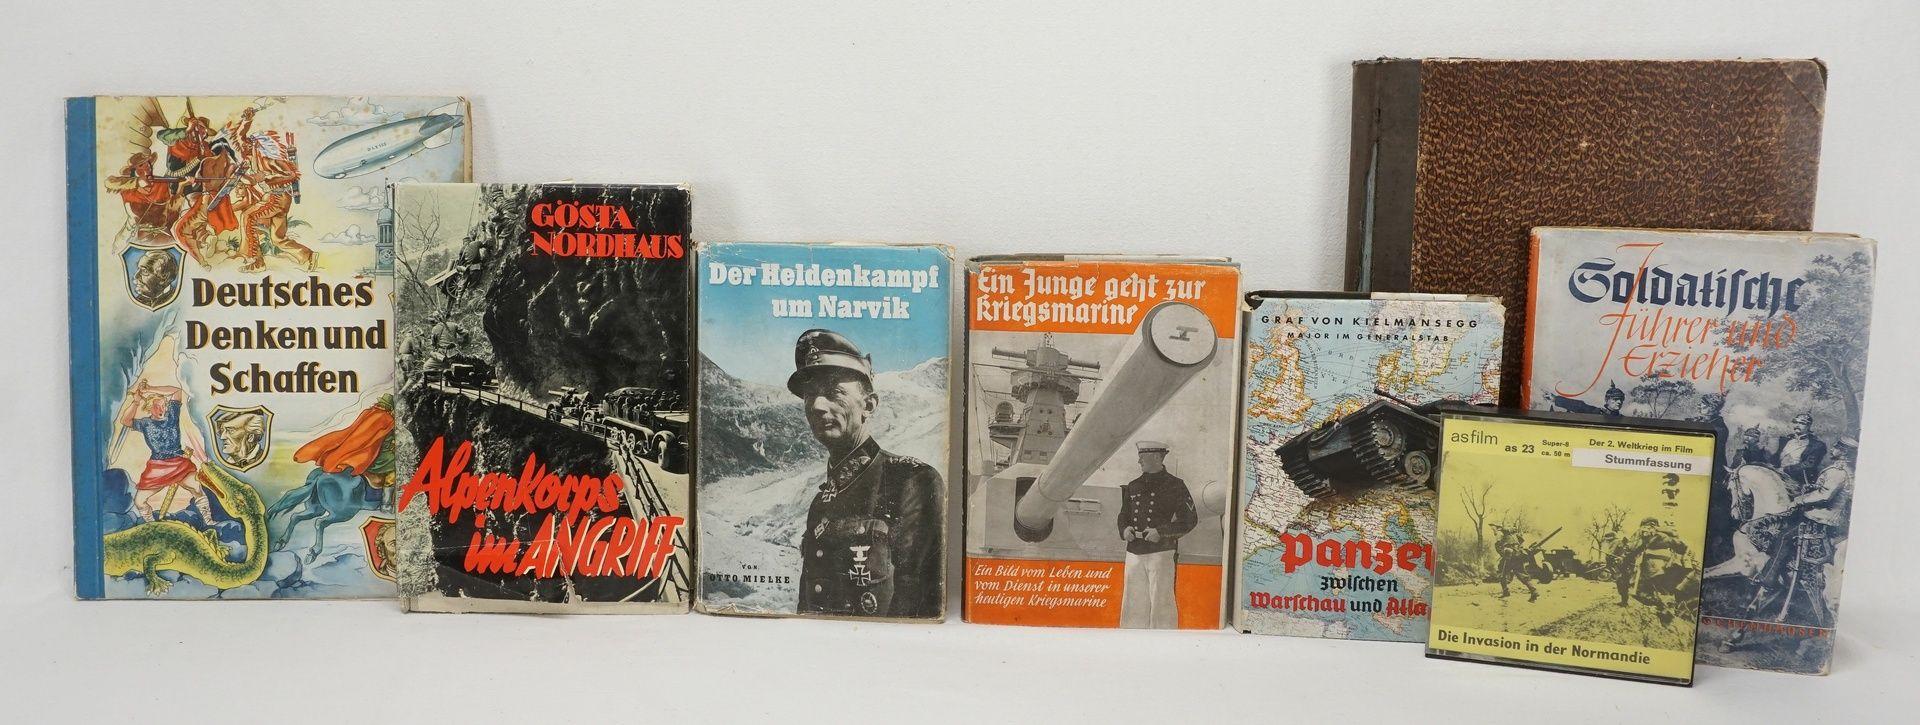 22 militärhistorische Bücher / Hefte - Bild 2 aus 5